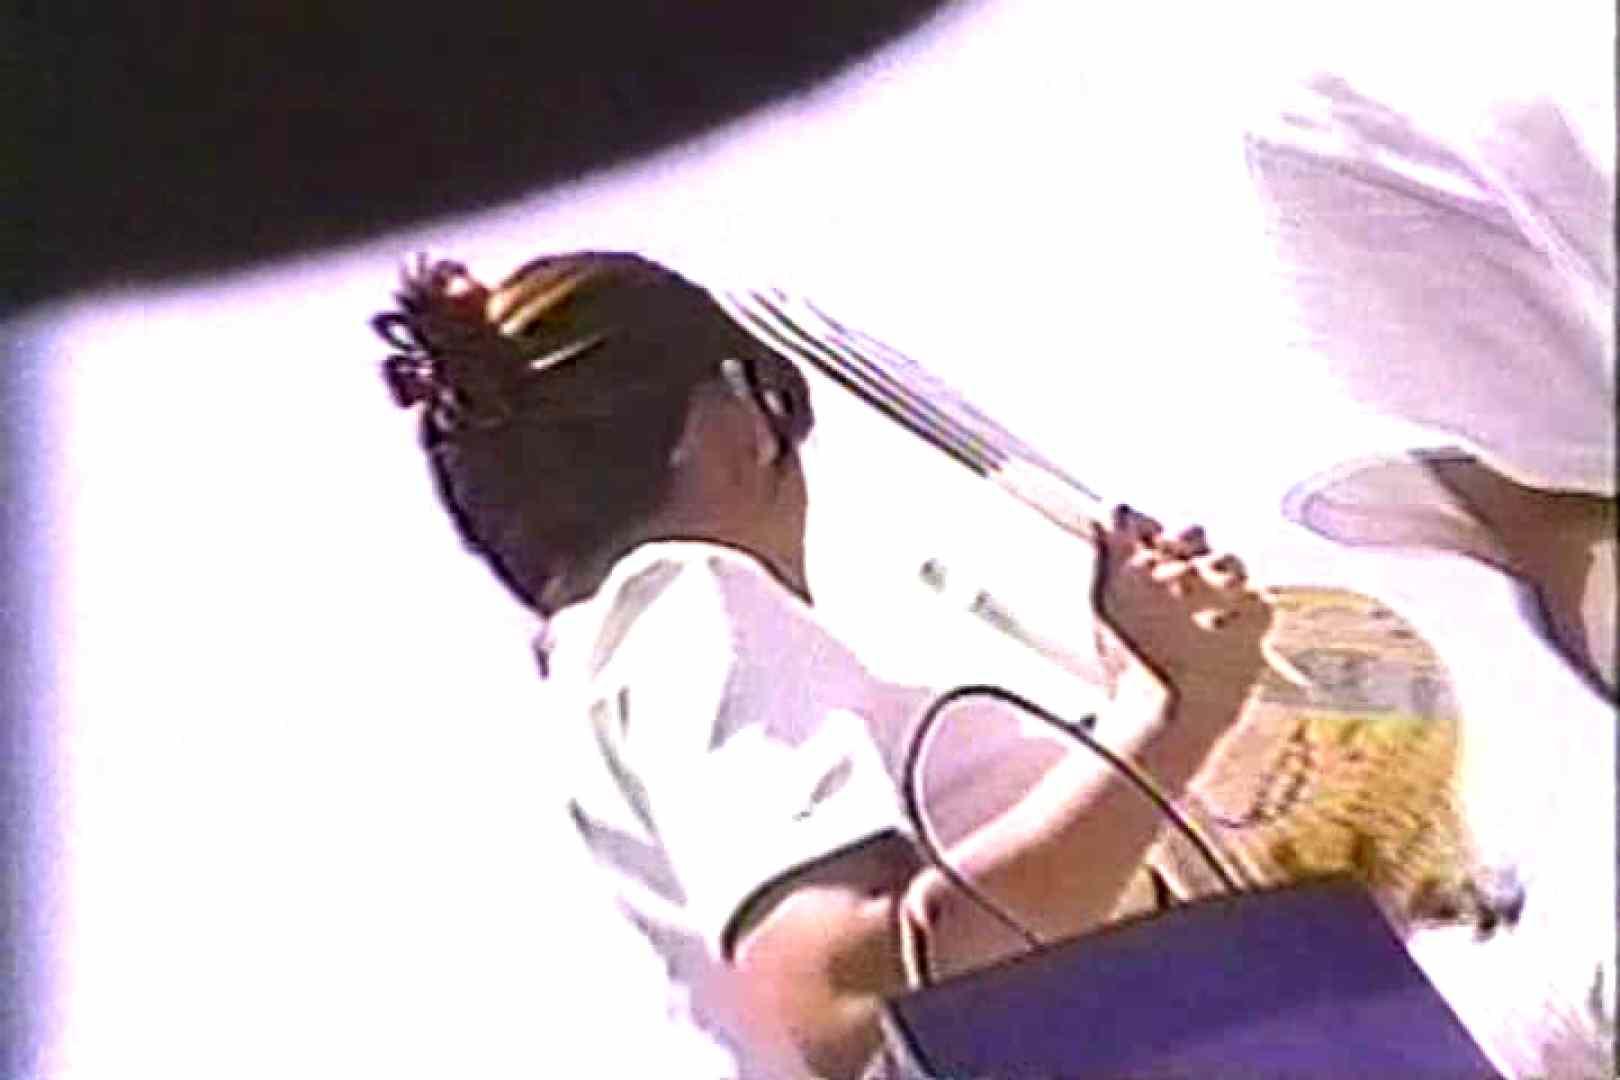 「ちくりん」さんのオリジナル未編集パンチラVol.1_01 独身エッチOL | チラ  92pic 56